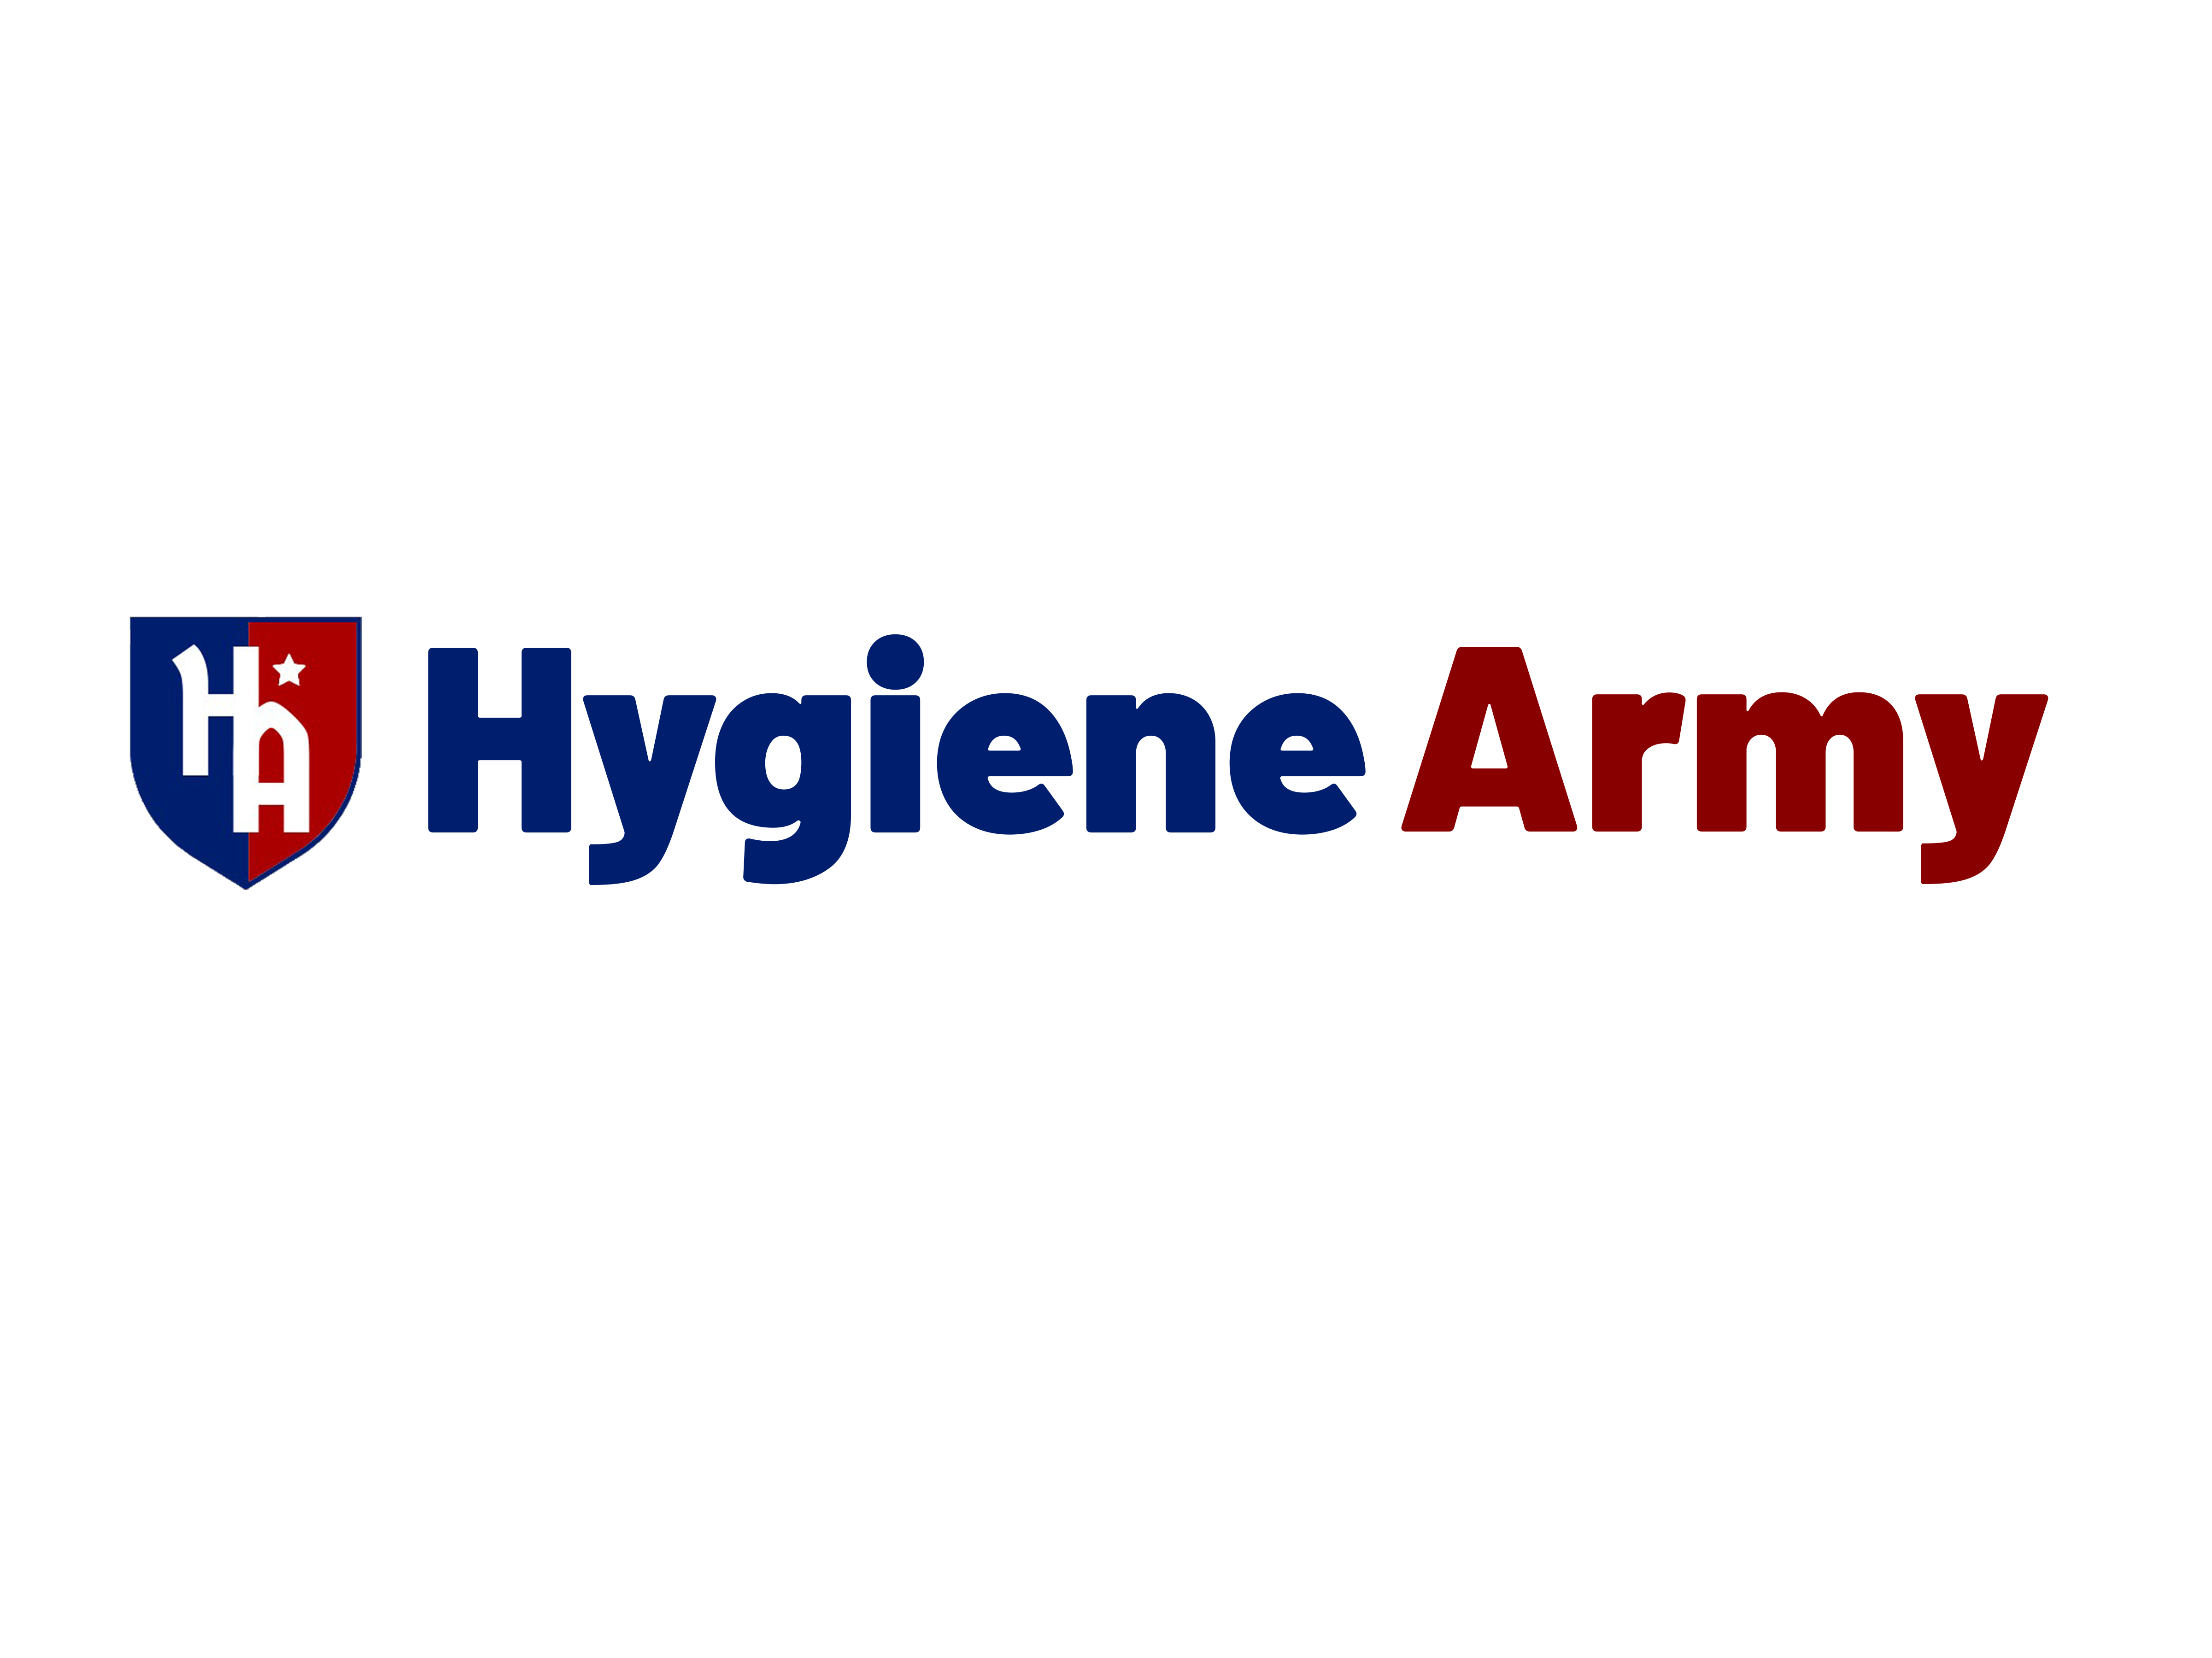 Hygiene Army